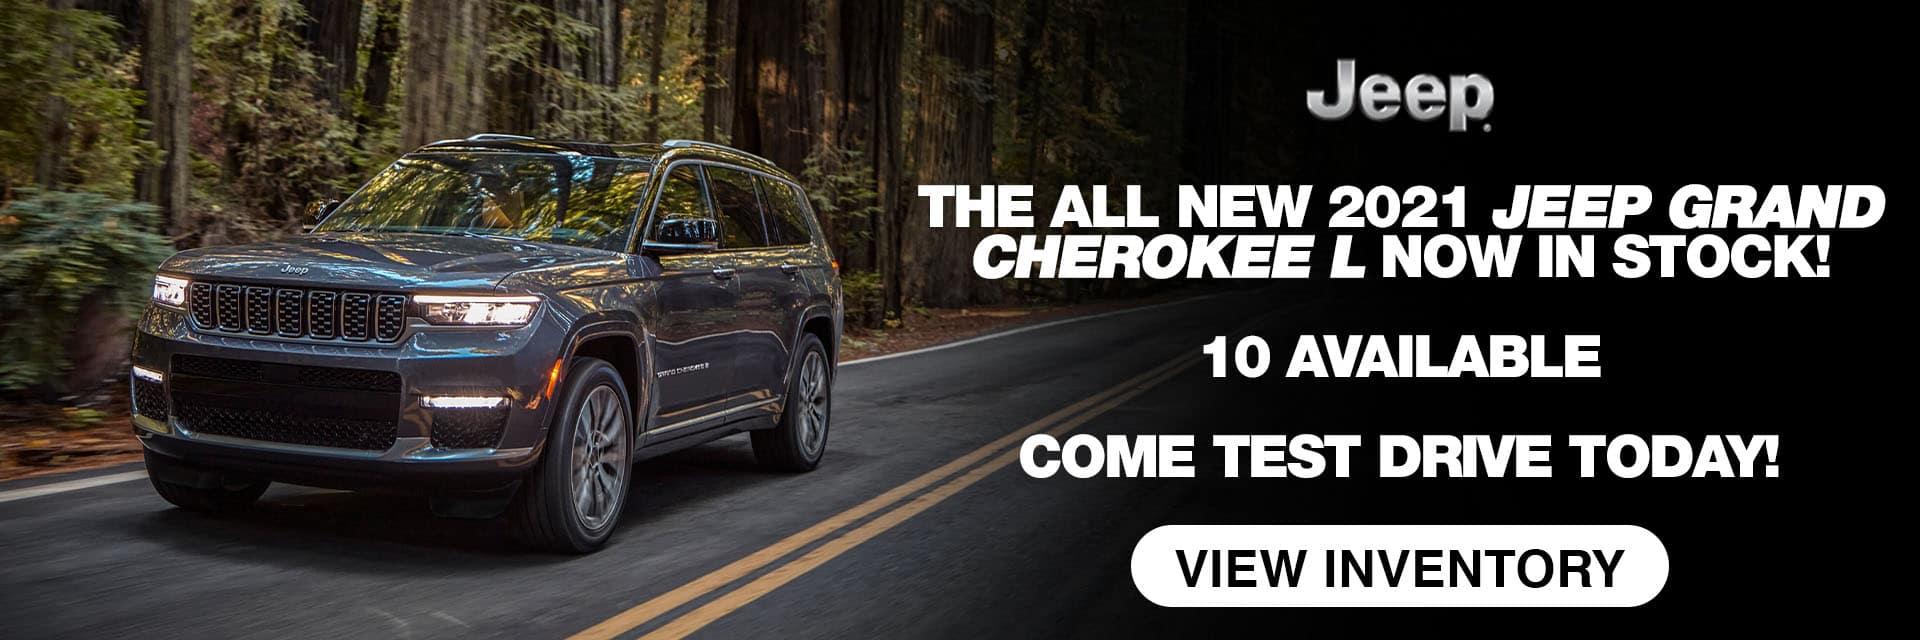 Grand Cherokee L Promo1920x640 – 3